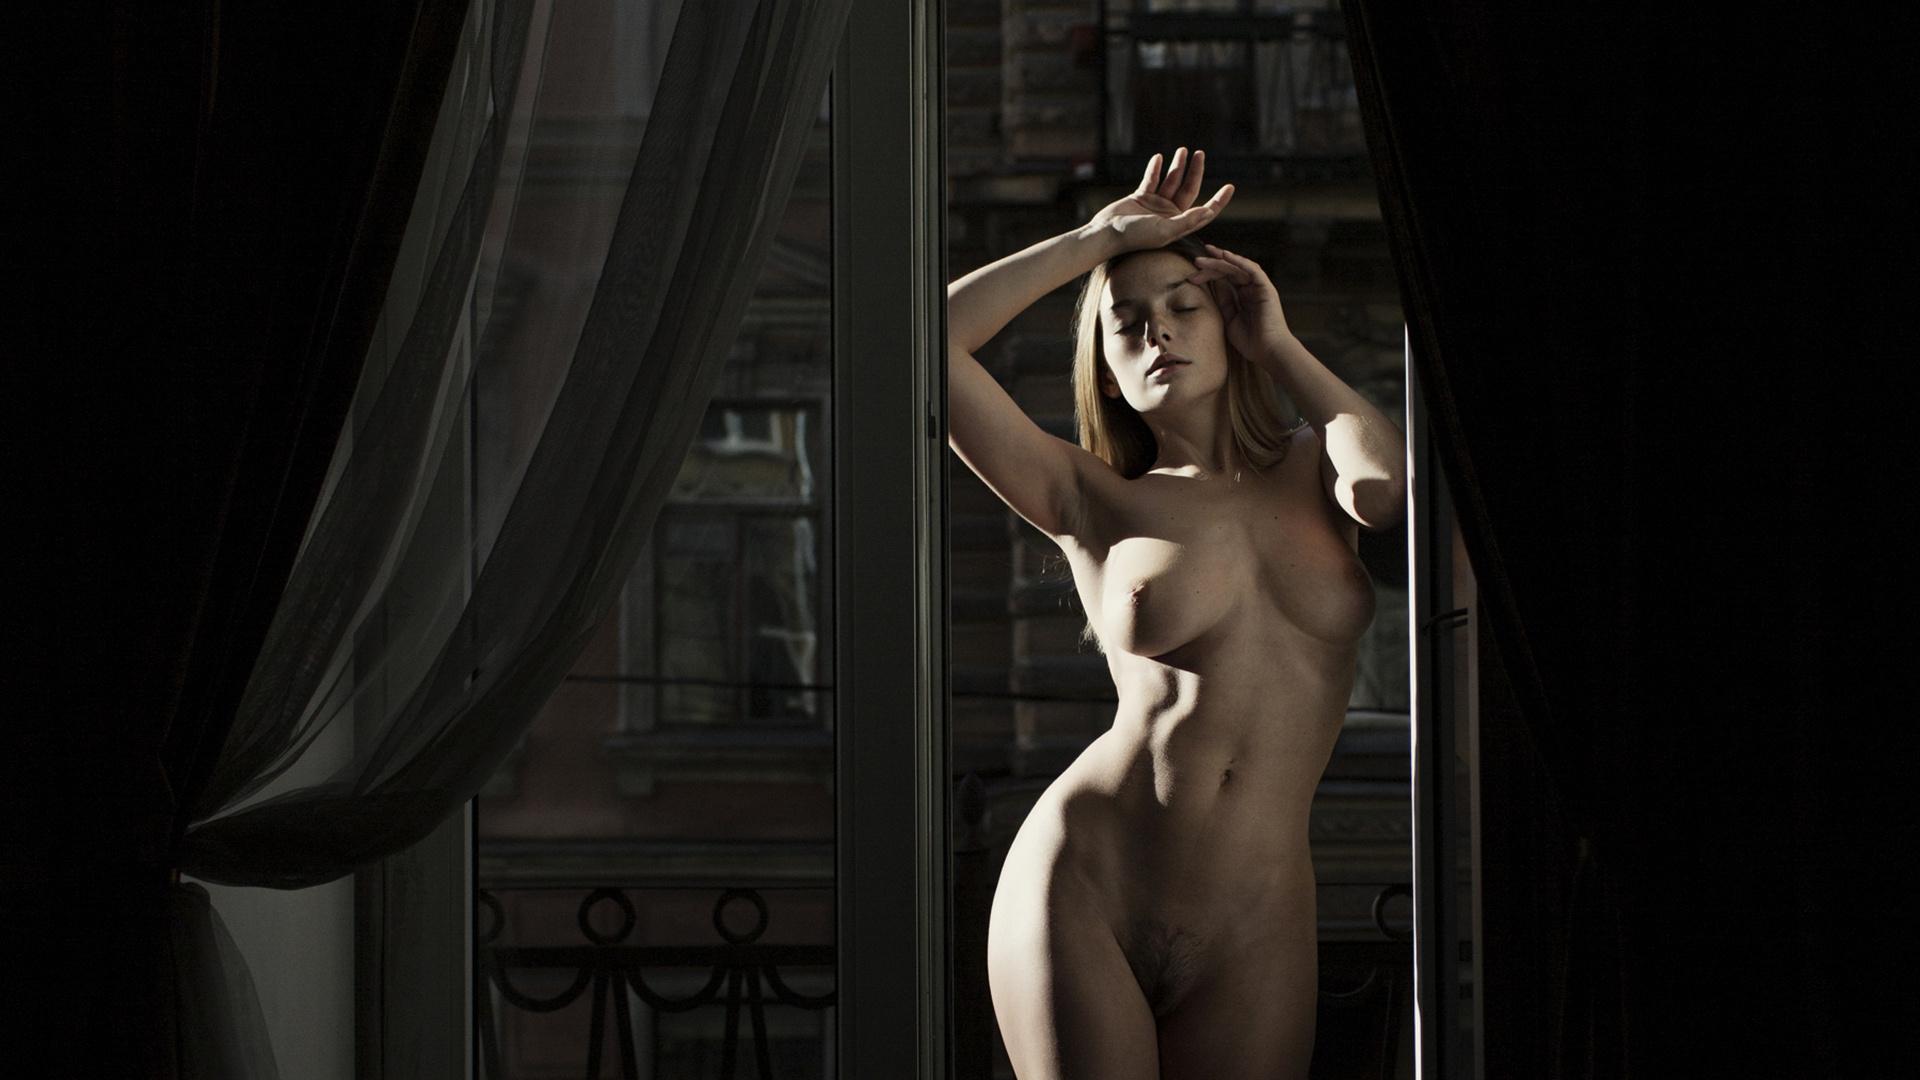 В стиле эротика профессиональные hd фотографии